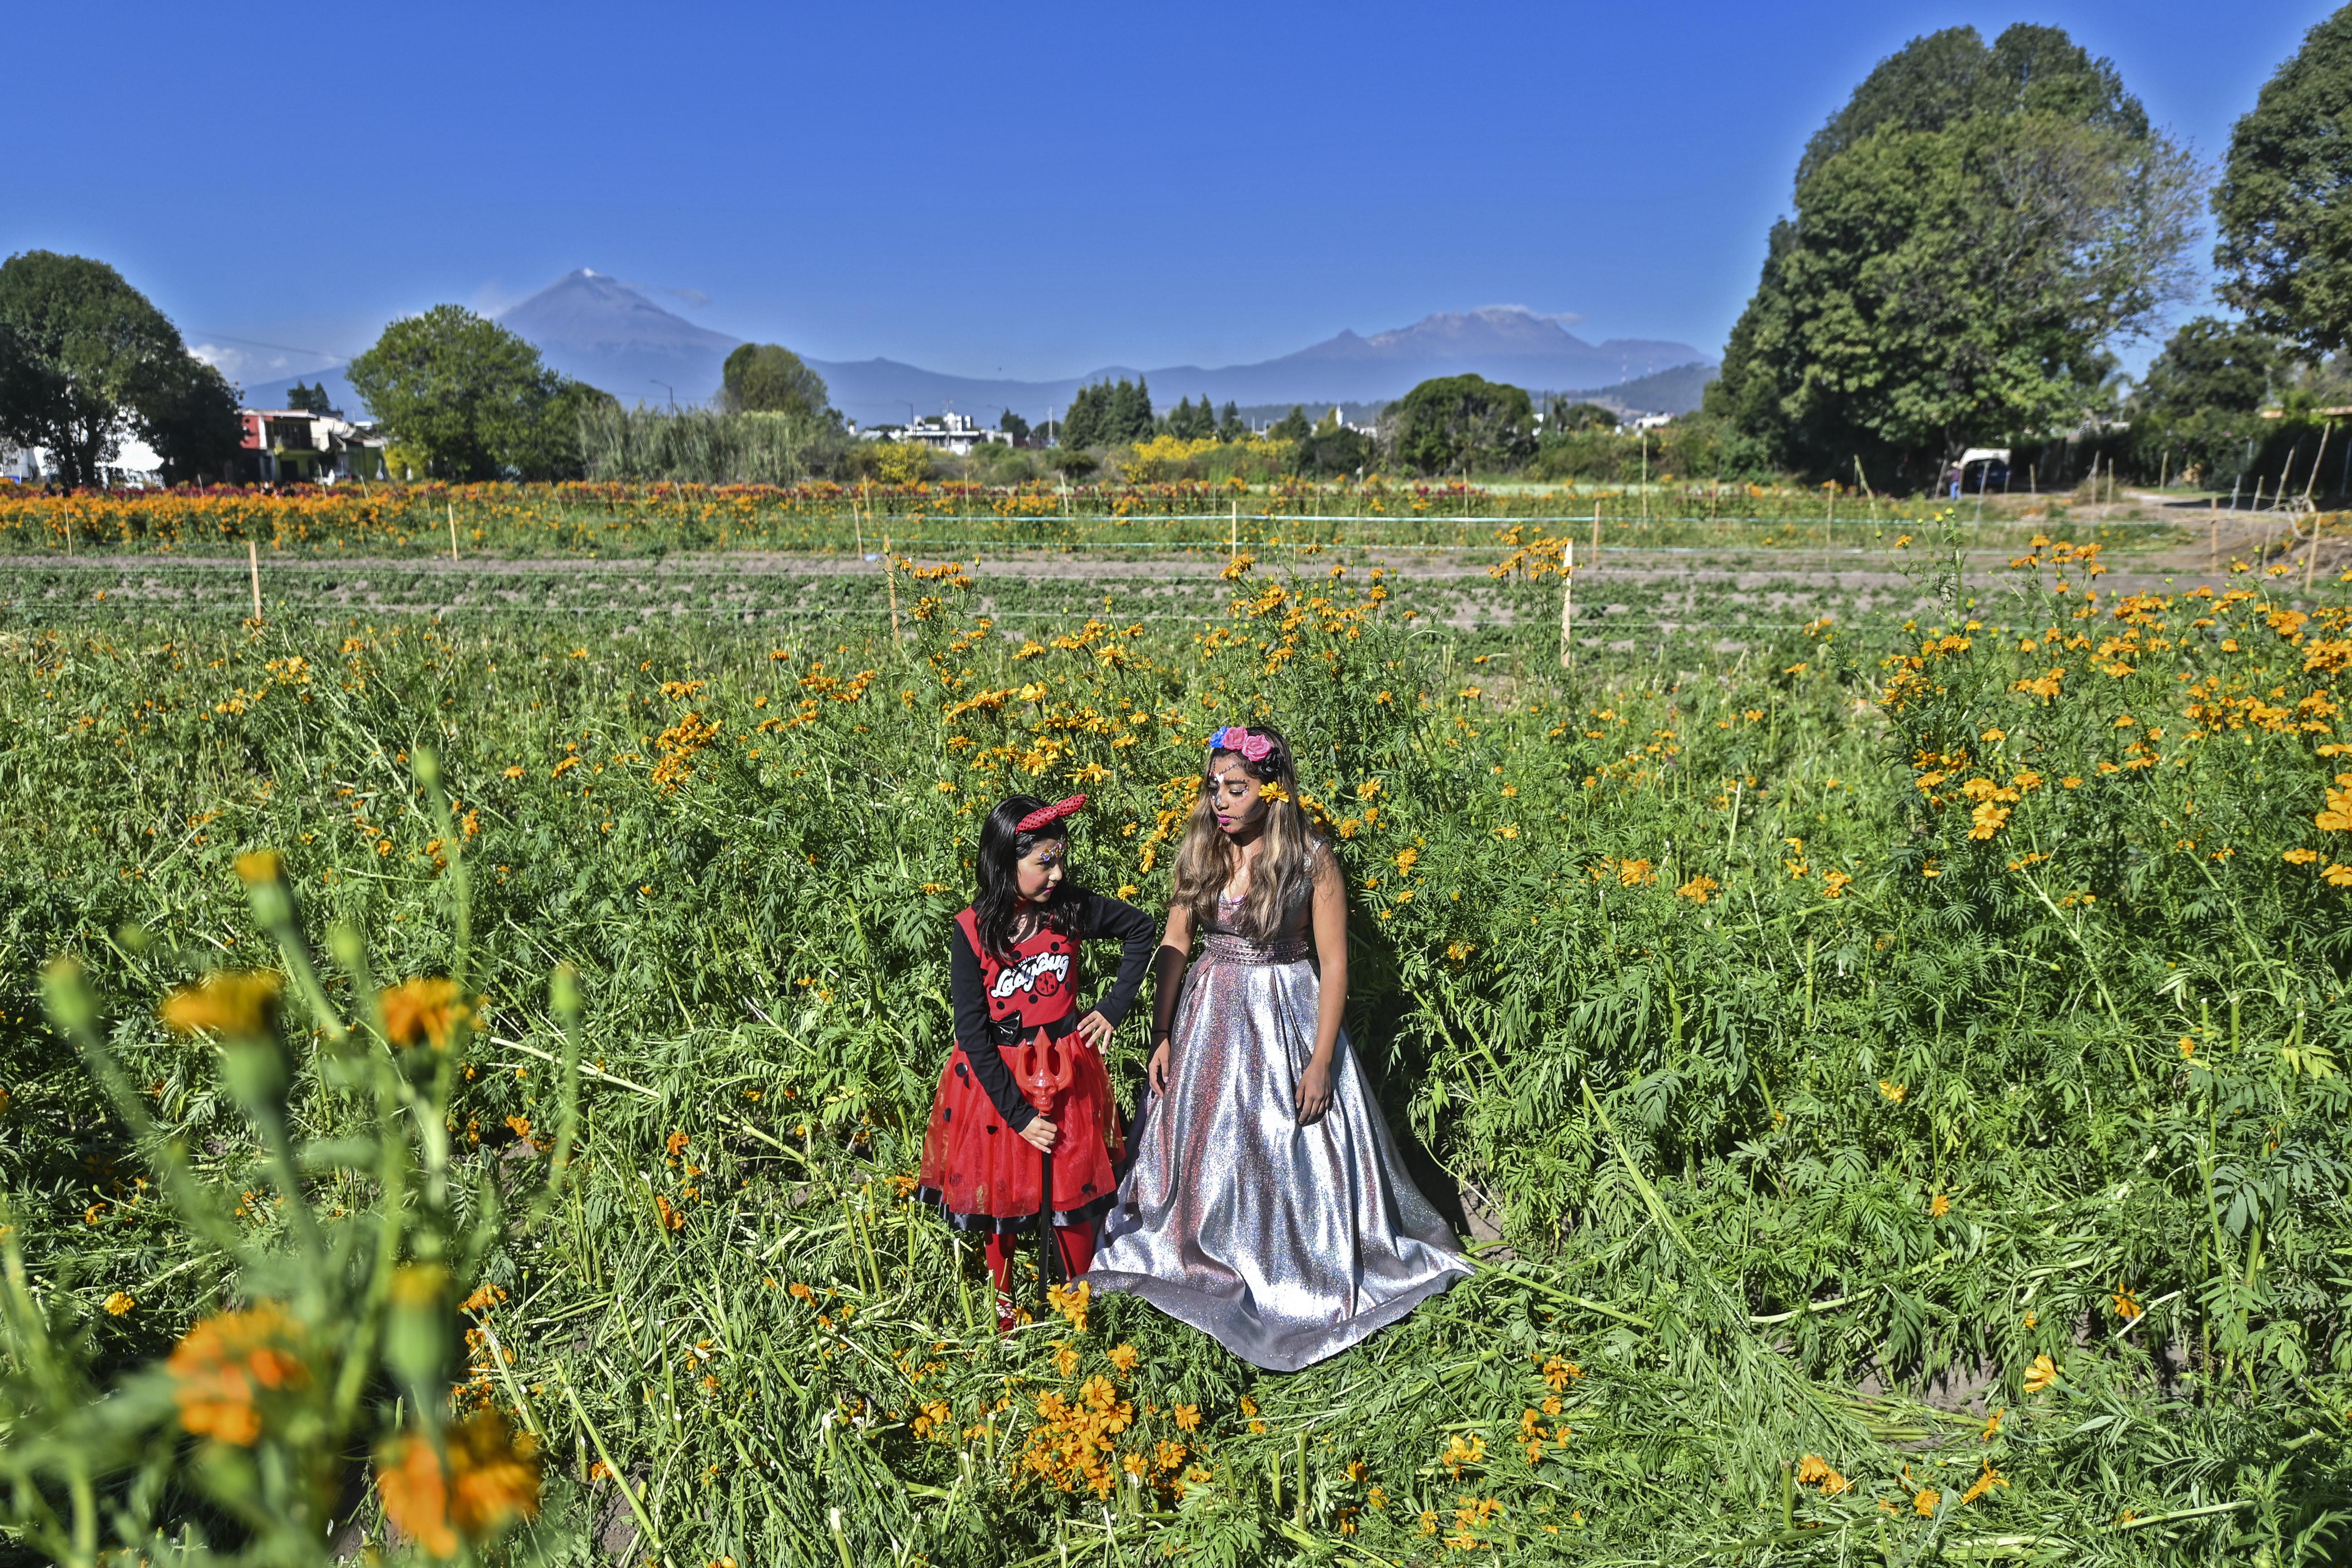 Niñas disfrazadas de Catrina y un diablo respectivamente, posan en un campo de cultivo en San Pedro Cholula, estado de Puebla, México, el 1 de noviembre de 2020.